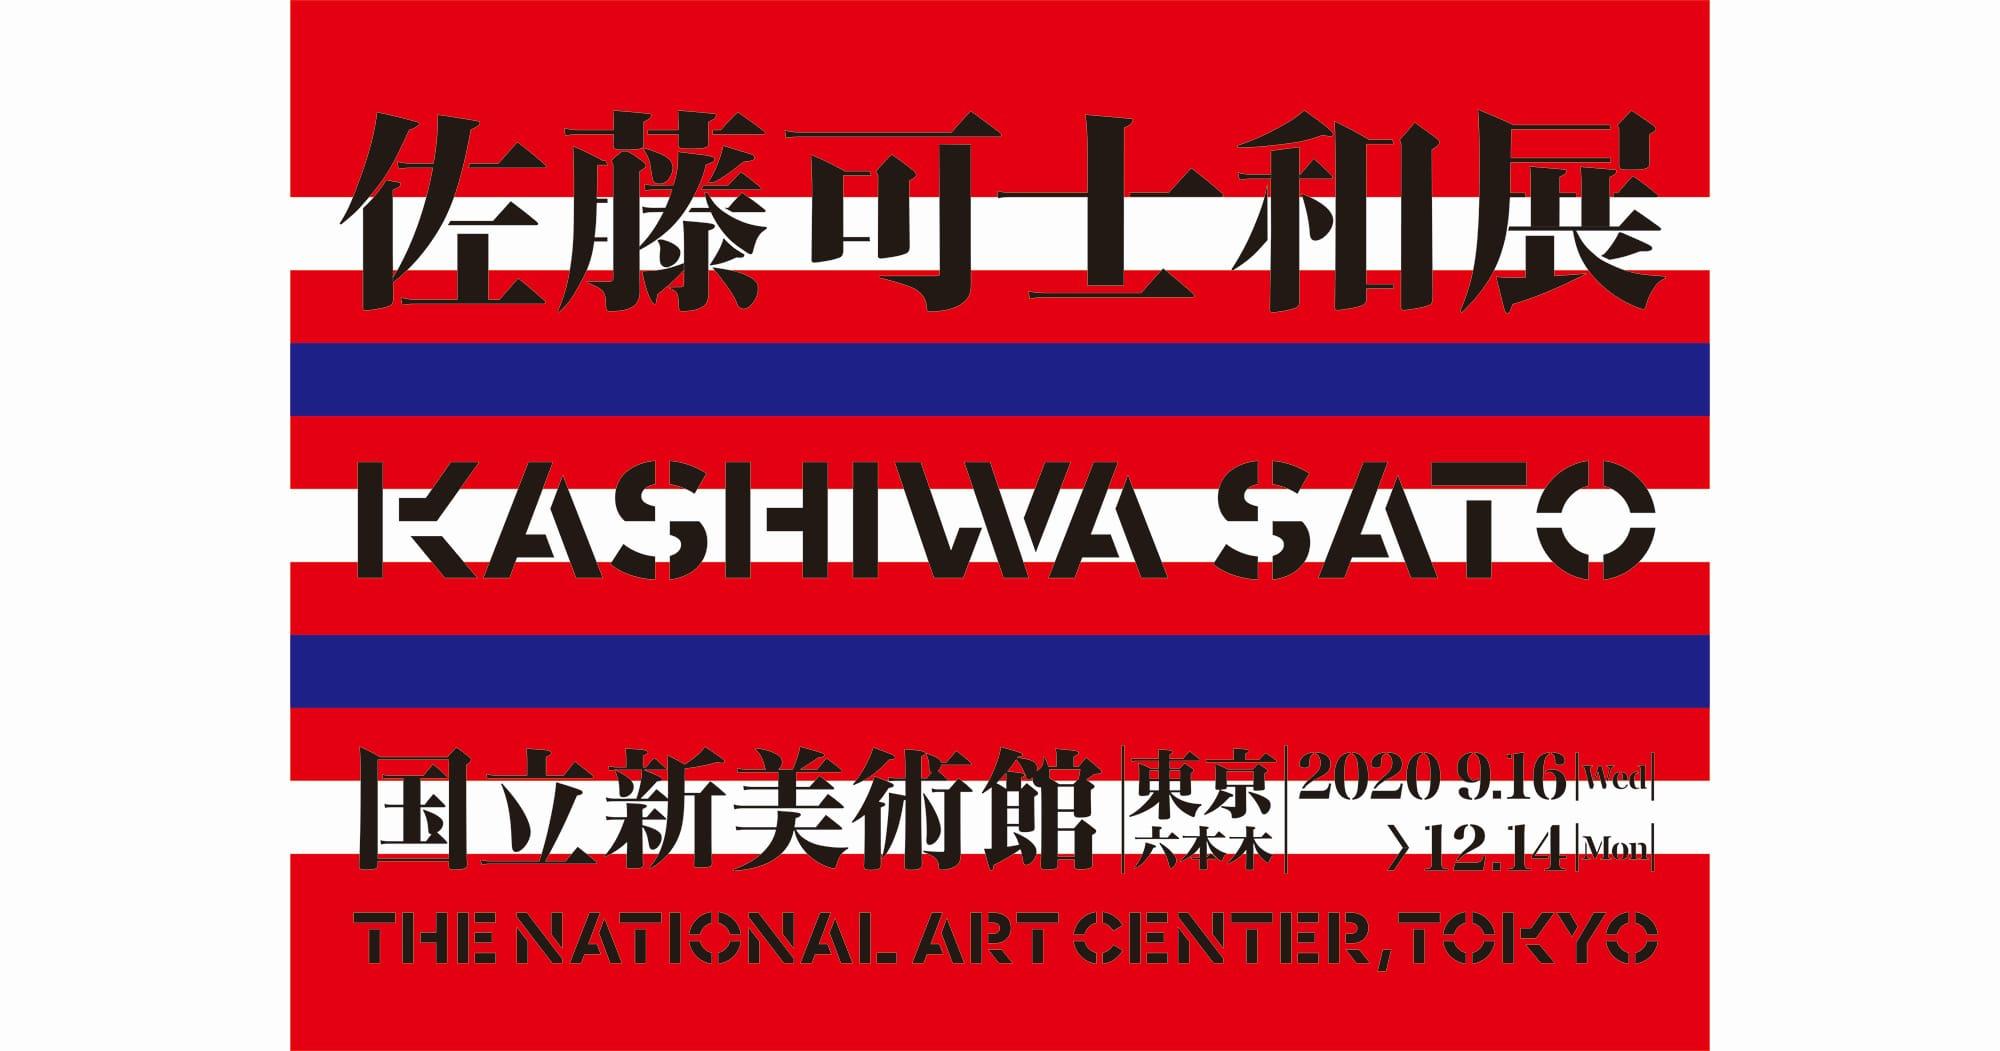 Kashiwa Sato Exhibition